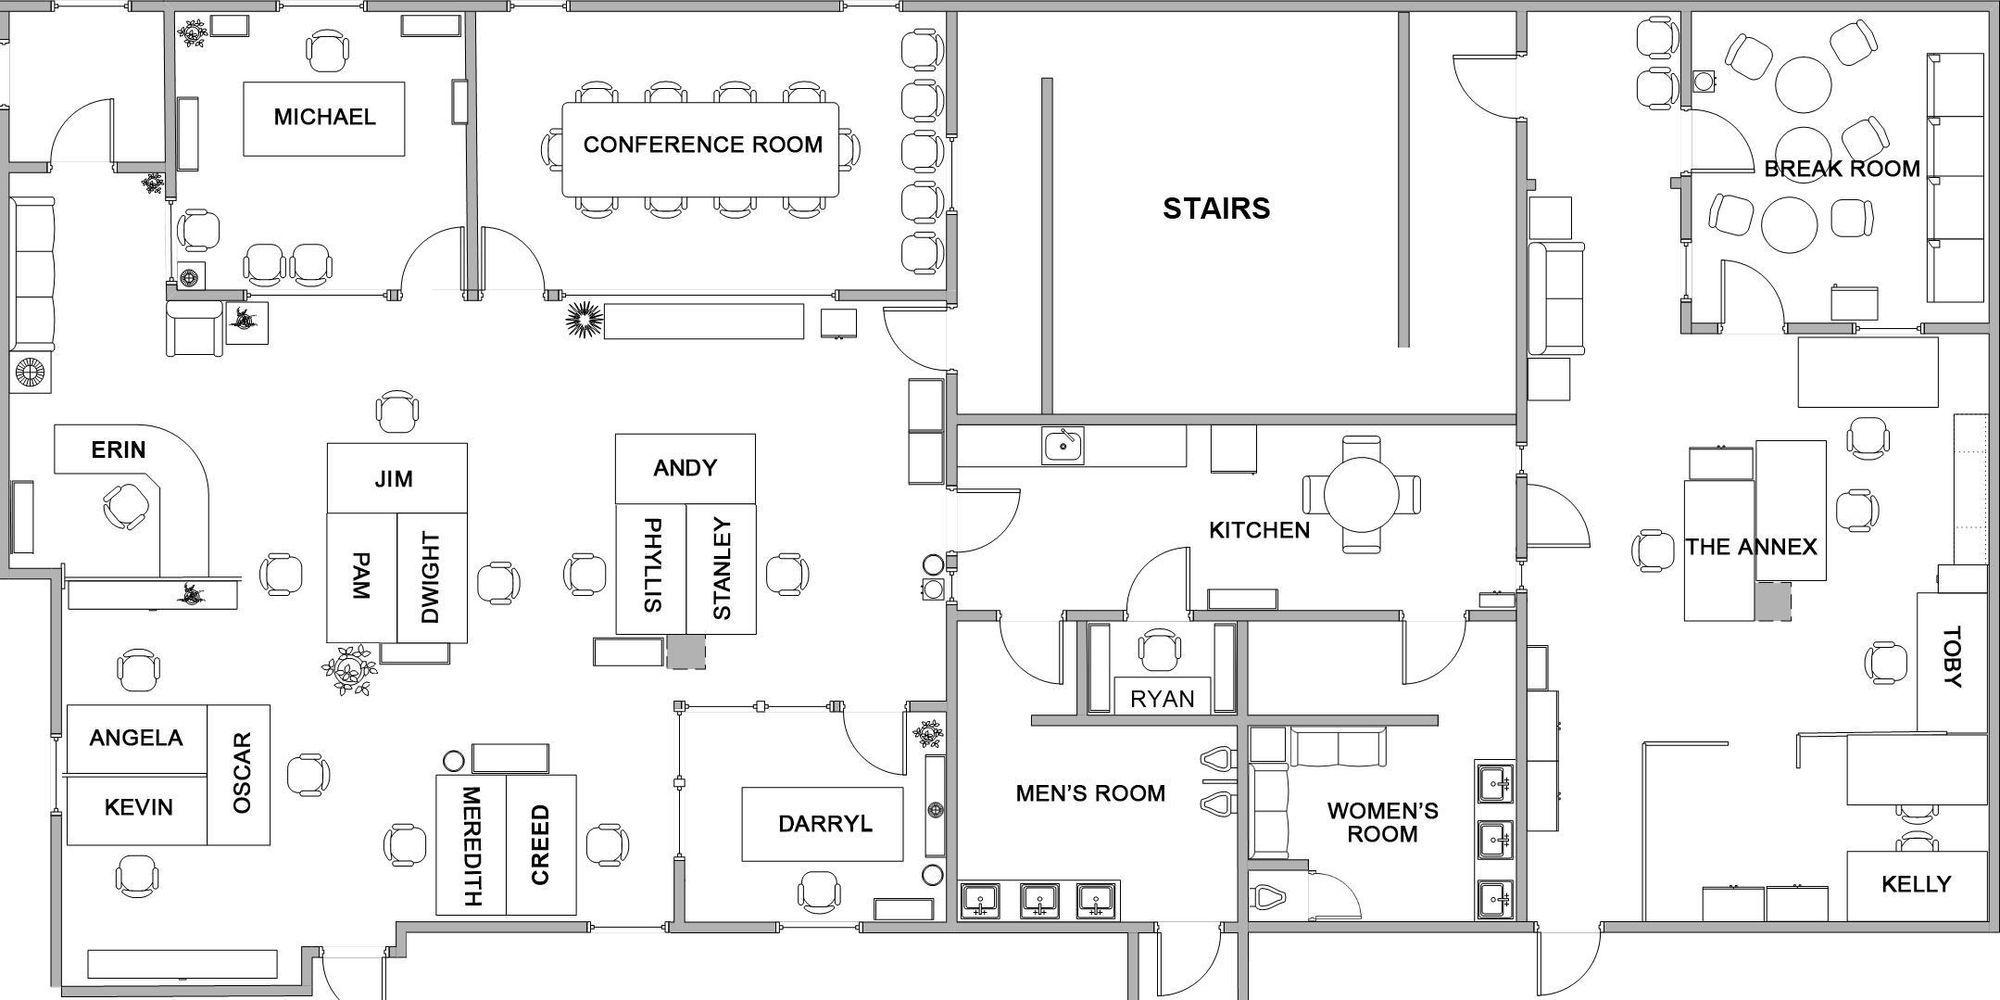 office building blueprints. Explore Design Offices, Office Designs, And More! Building Blueprints